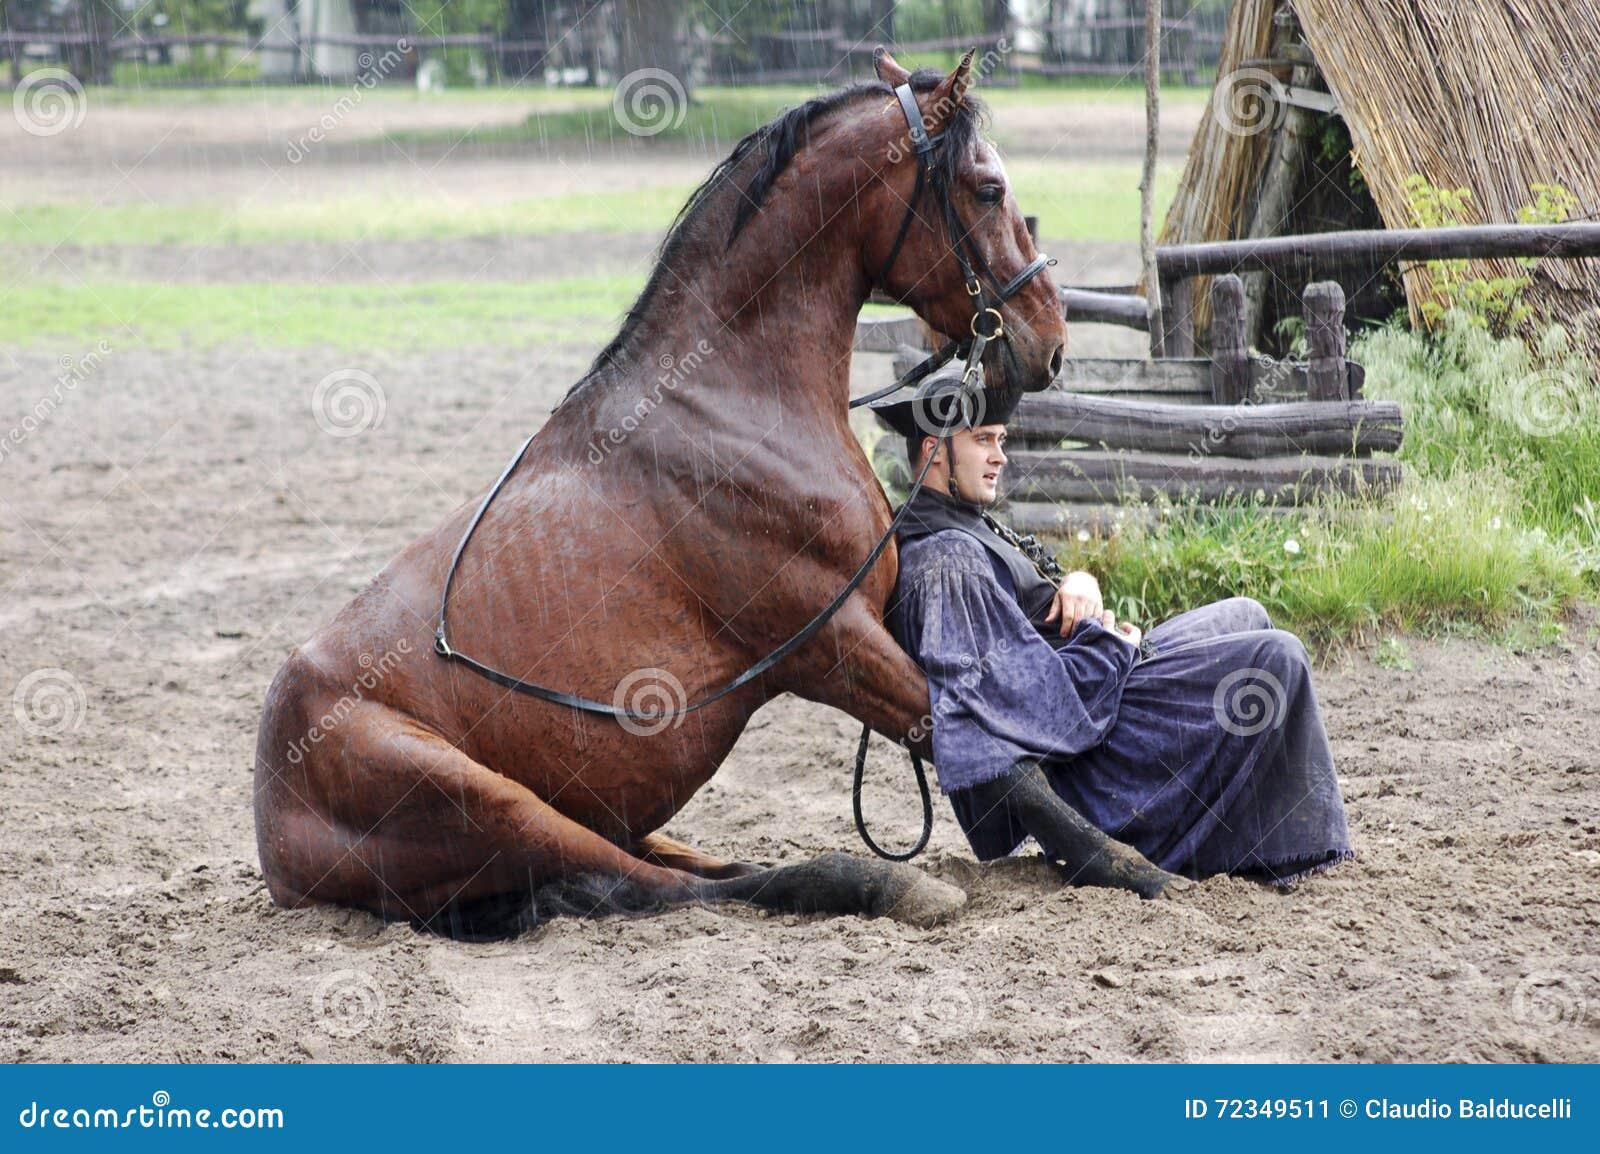 Togheter de reclinación del jinete y del caballo